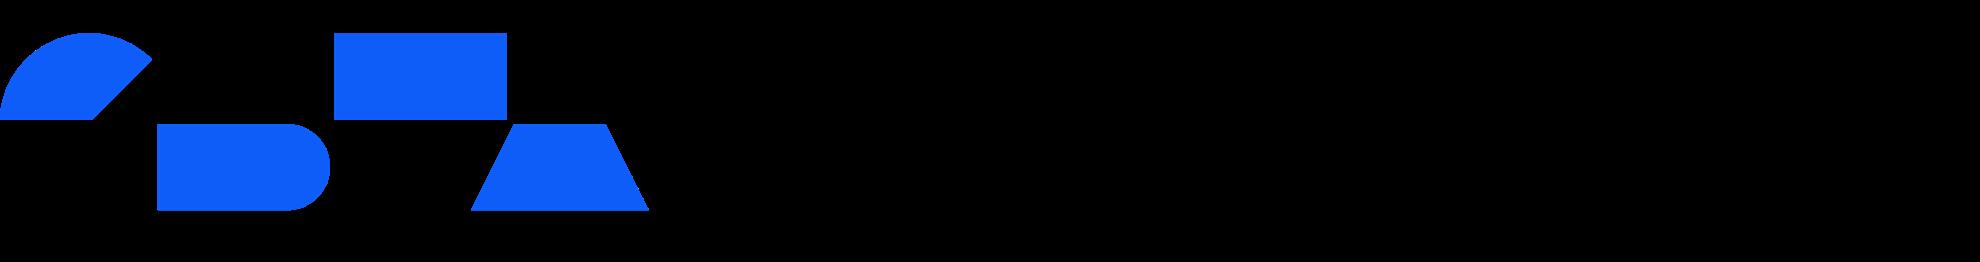 CSTA Philippines  logo